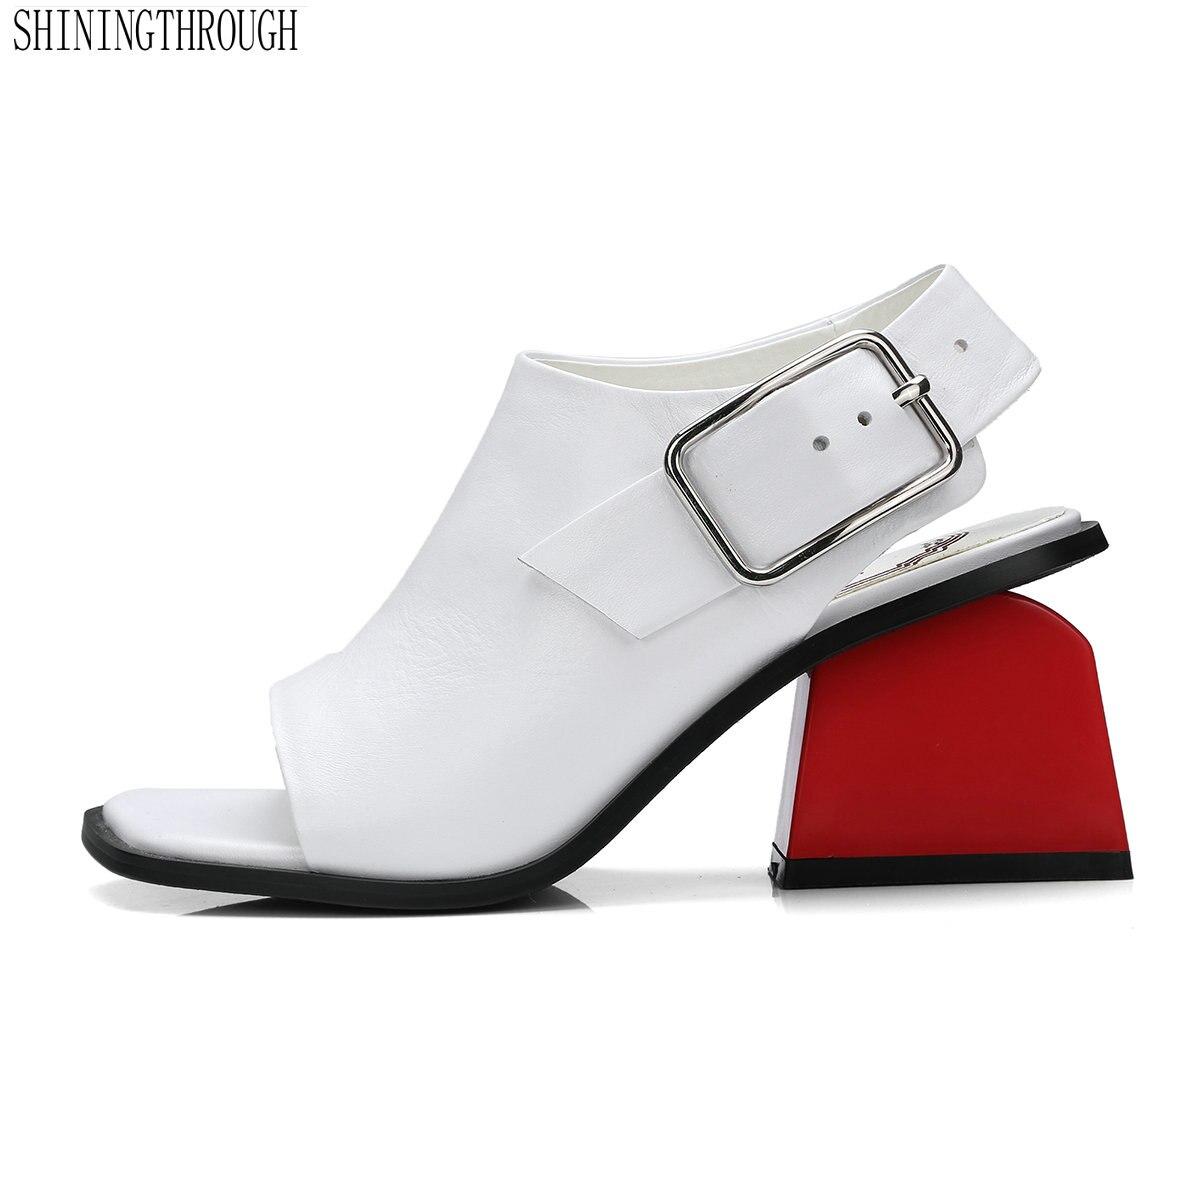 2019 Eleganti Sandali Delle Donne Cut Out Del Cuoio Genuino Chunky Tacco Quadrato Gladiatore Roma indietro Sandali Cinghia Scarpe Da Donna-in Tacchi alti da Scarpe su  Gruppo 1